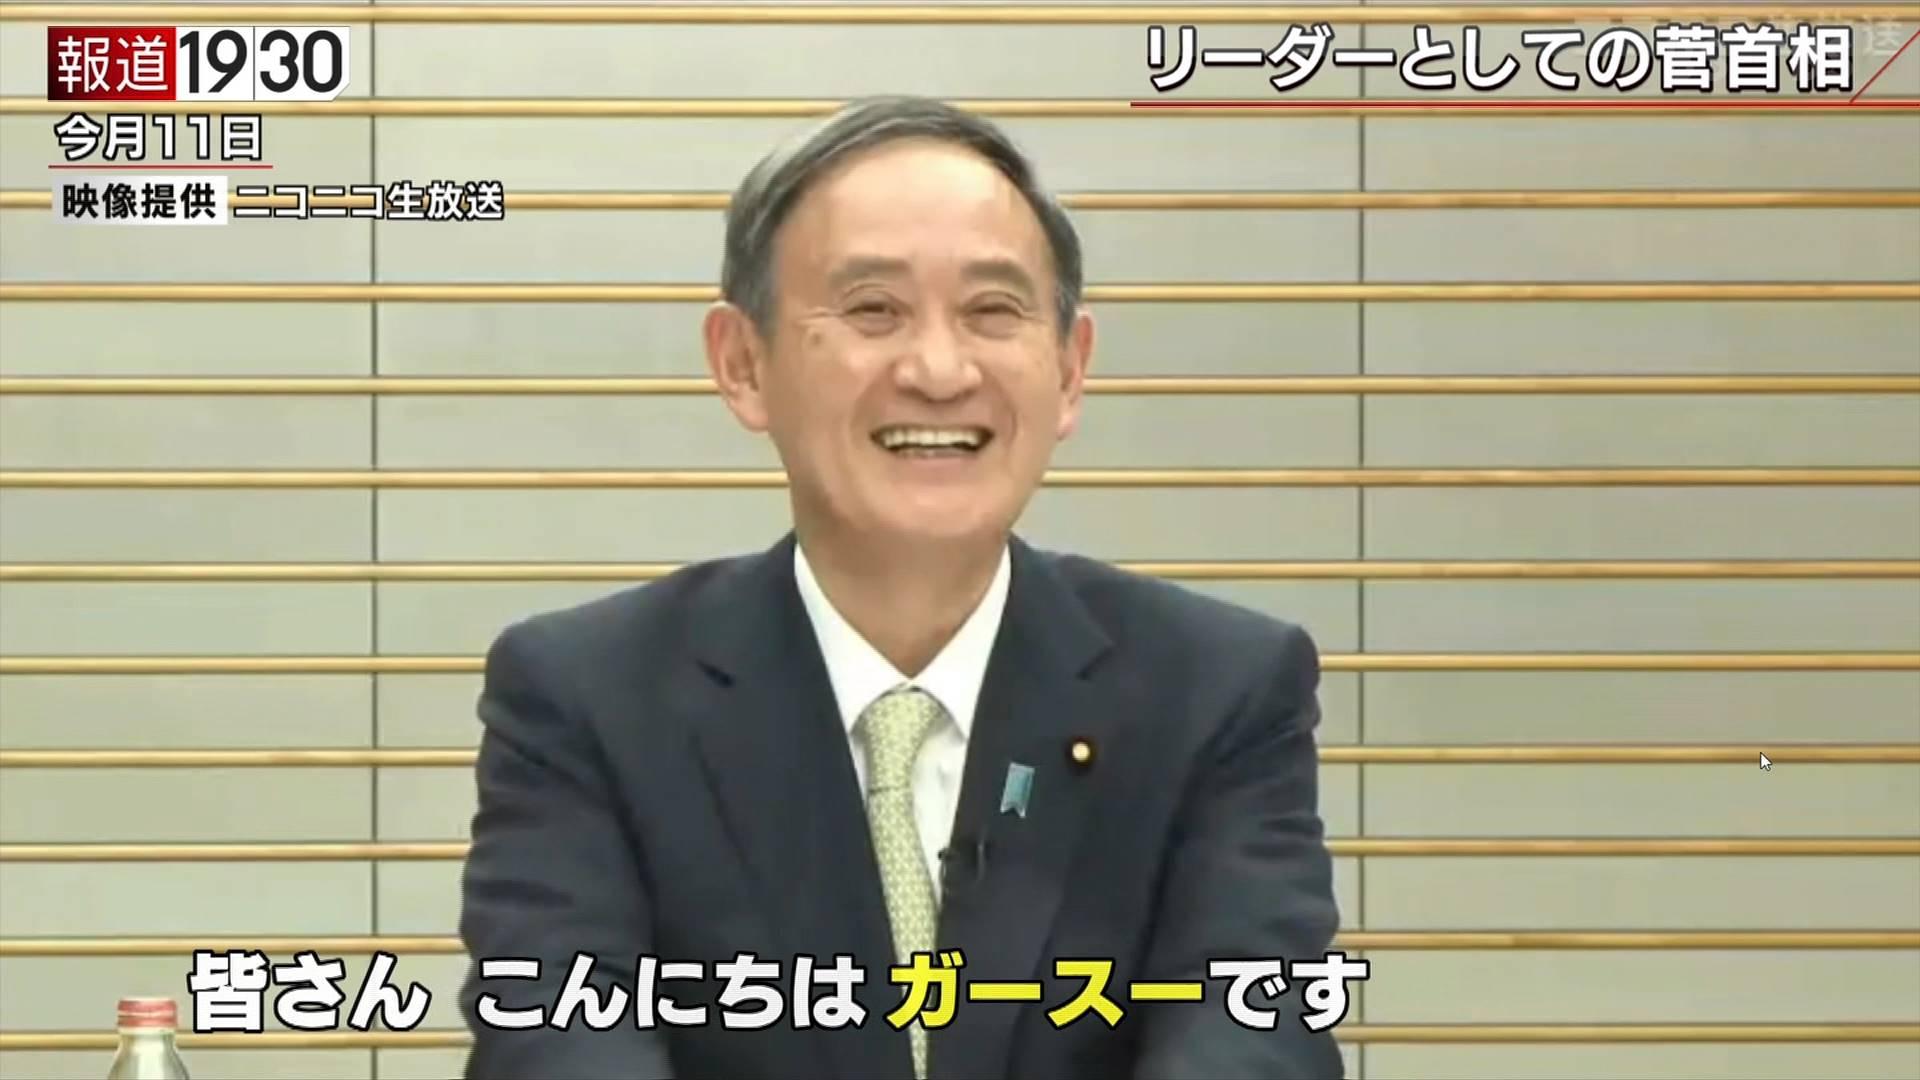 【スダレ悲報】ガースー、アウトー!!!